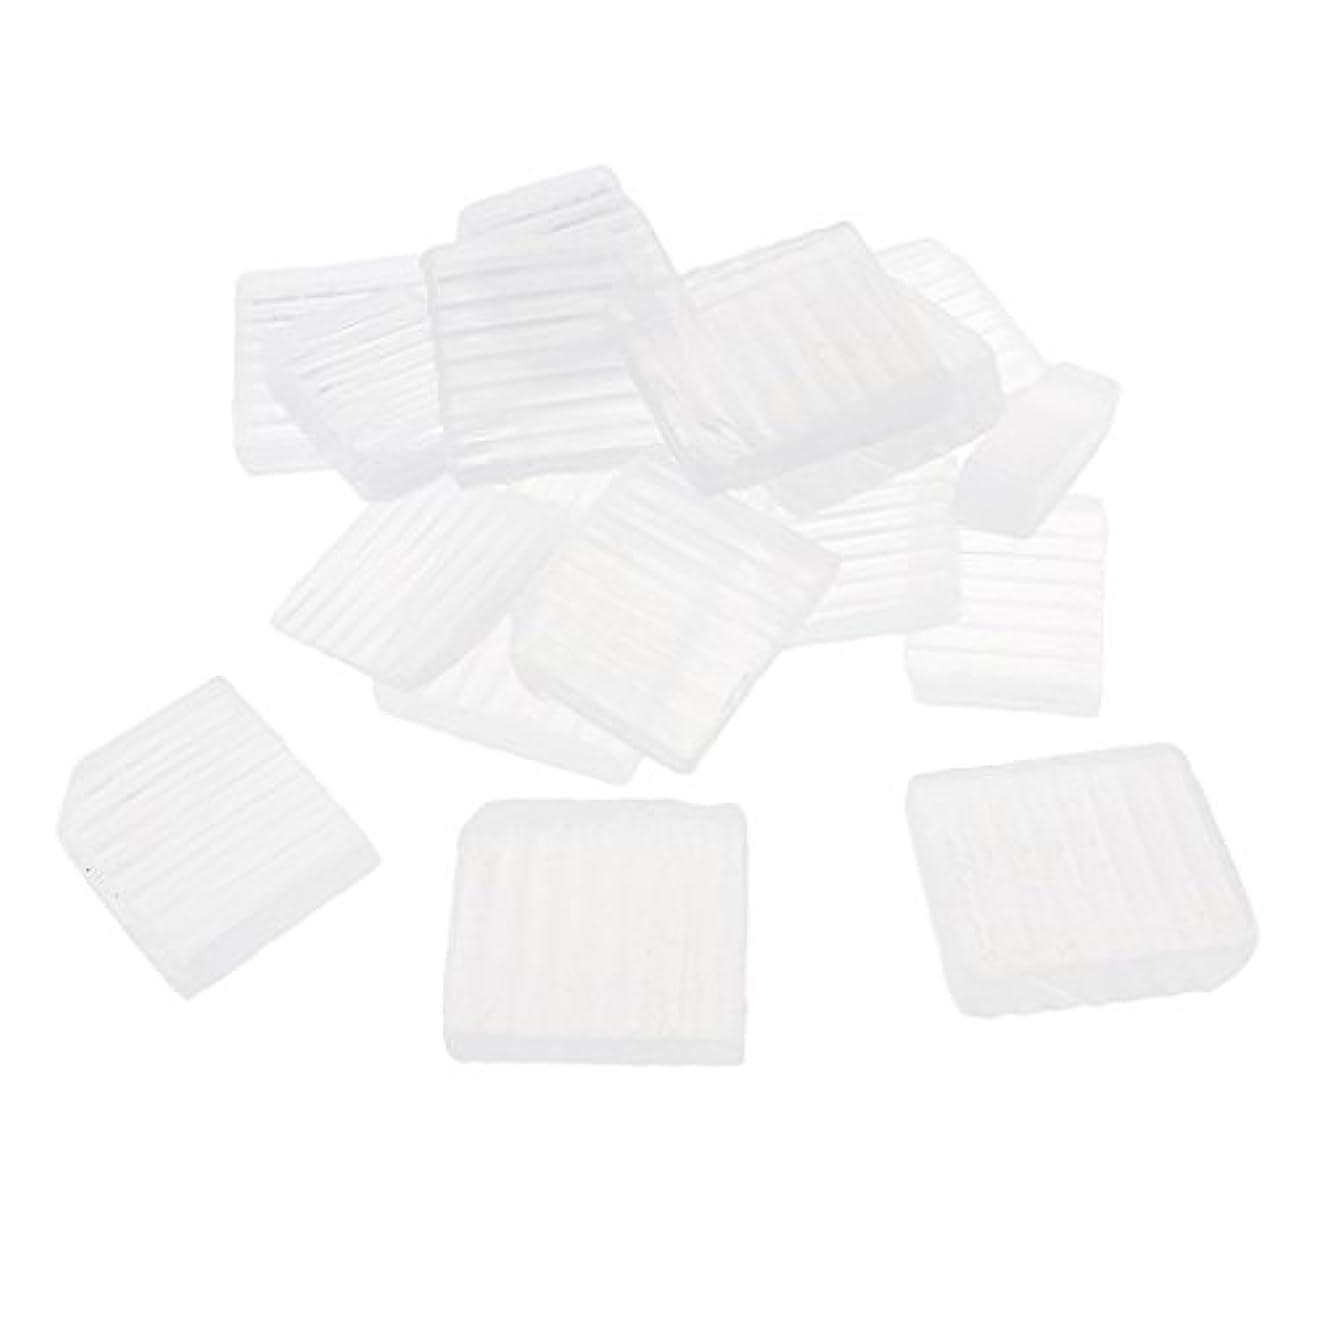 囲む木製逸話石鹸ベース DIY 石鹸作り プアソープベース 石鹸クラフト 手作り 約1 KG